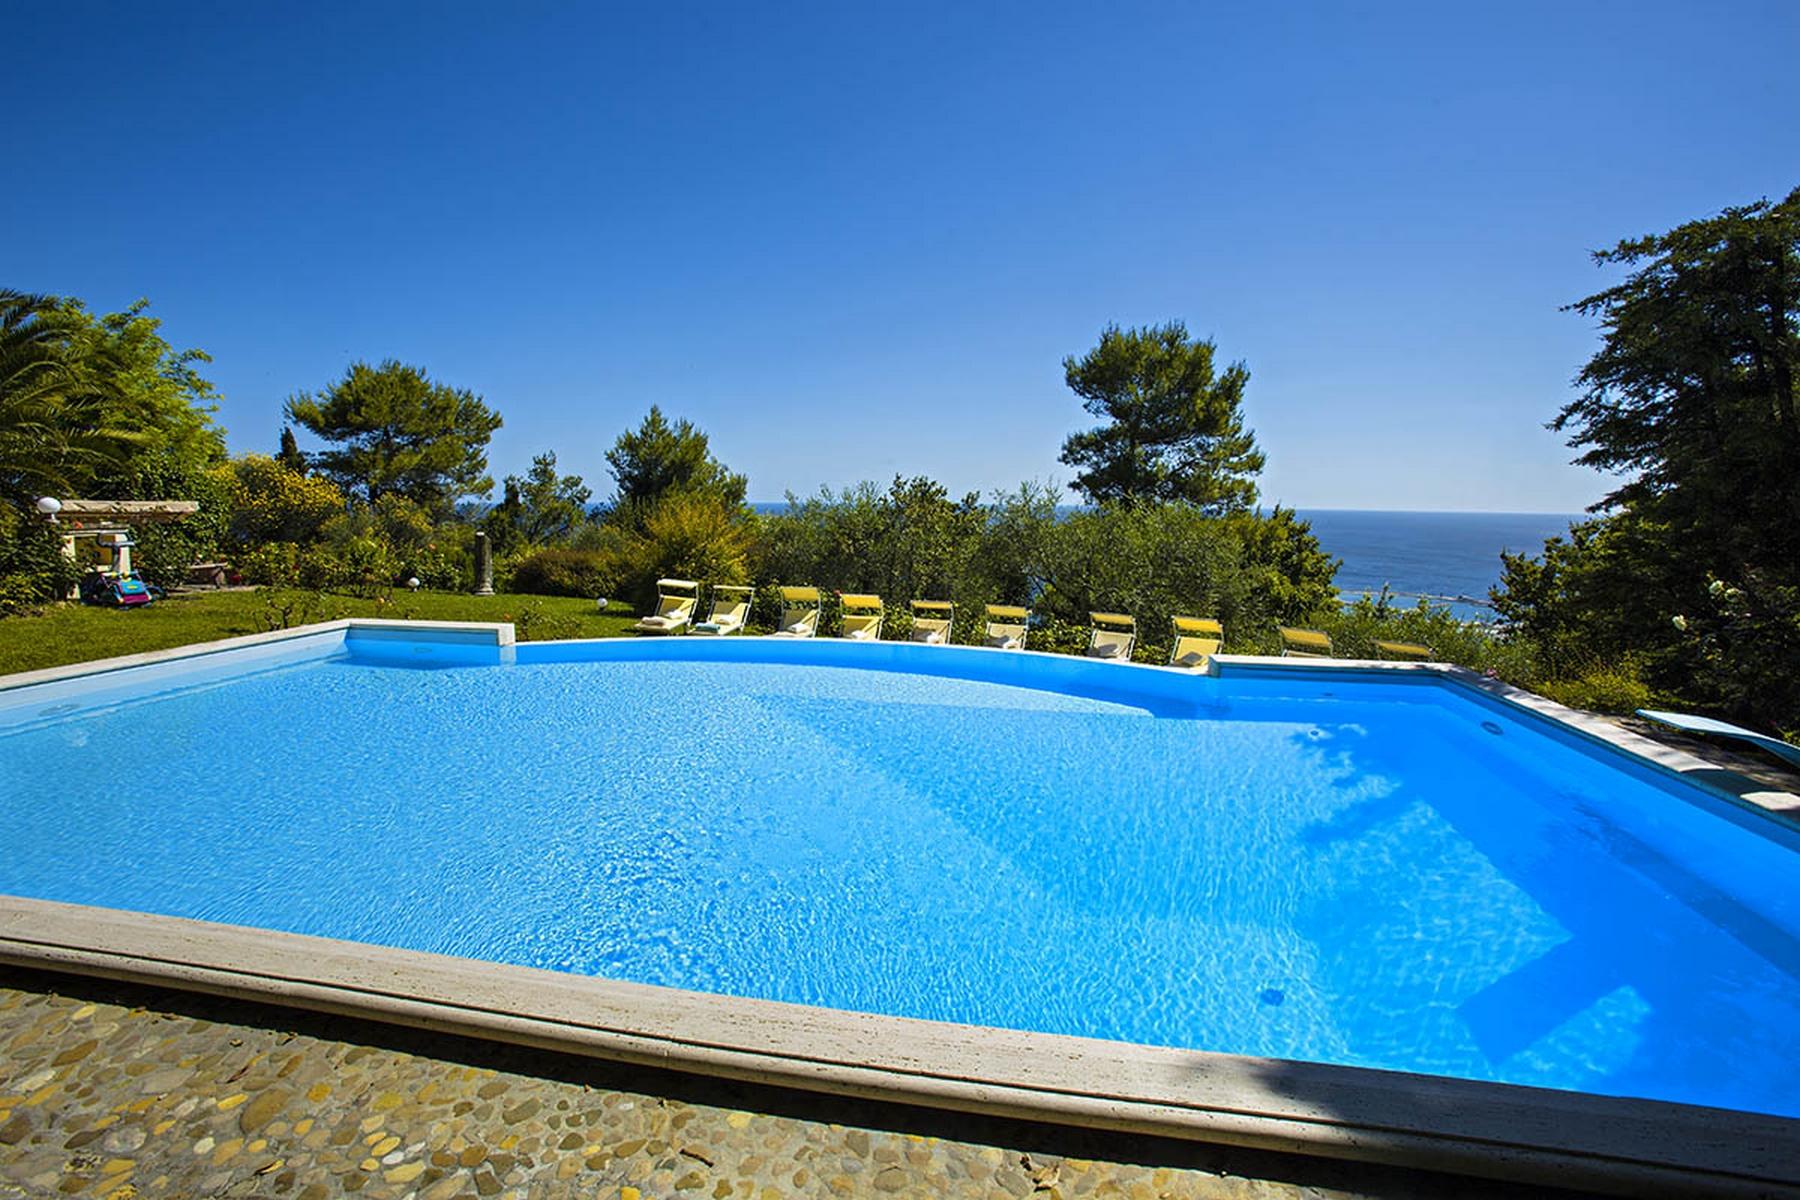 Villa per Vendita alle ore Villa moderna con piscina e vista mozzafiato sul Mar Adriatico Pesaro, Pesaro Urbino Italia